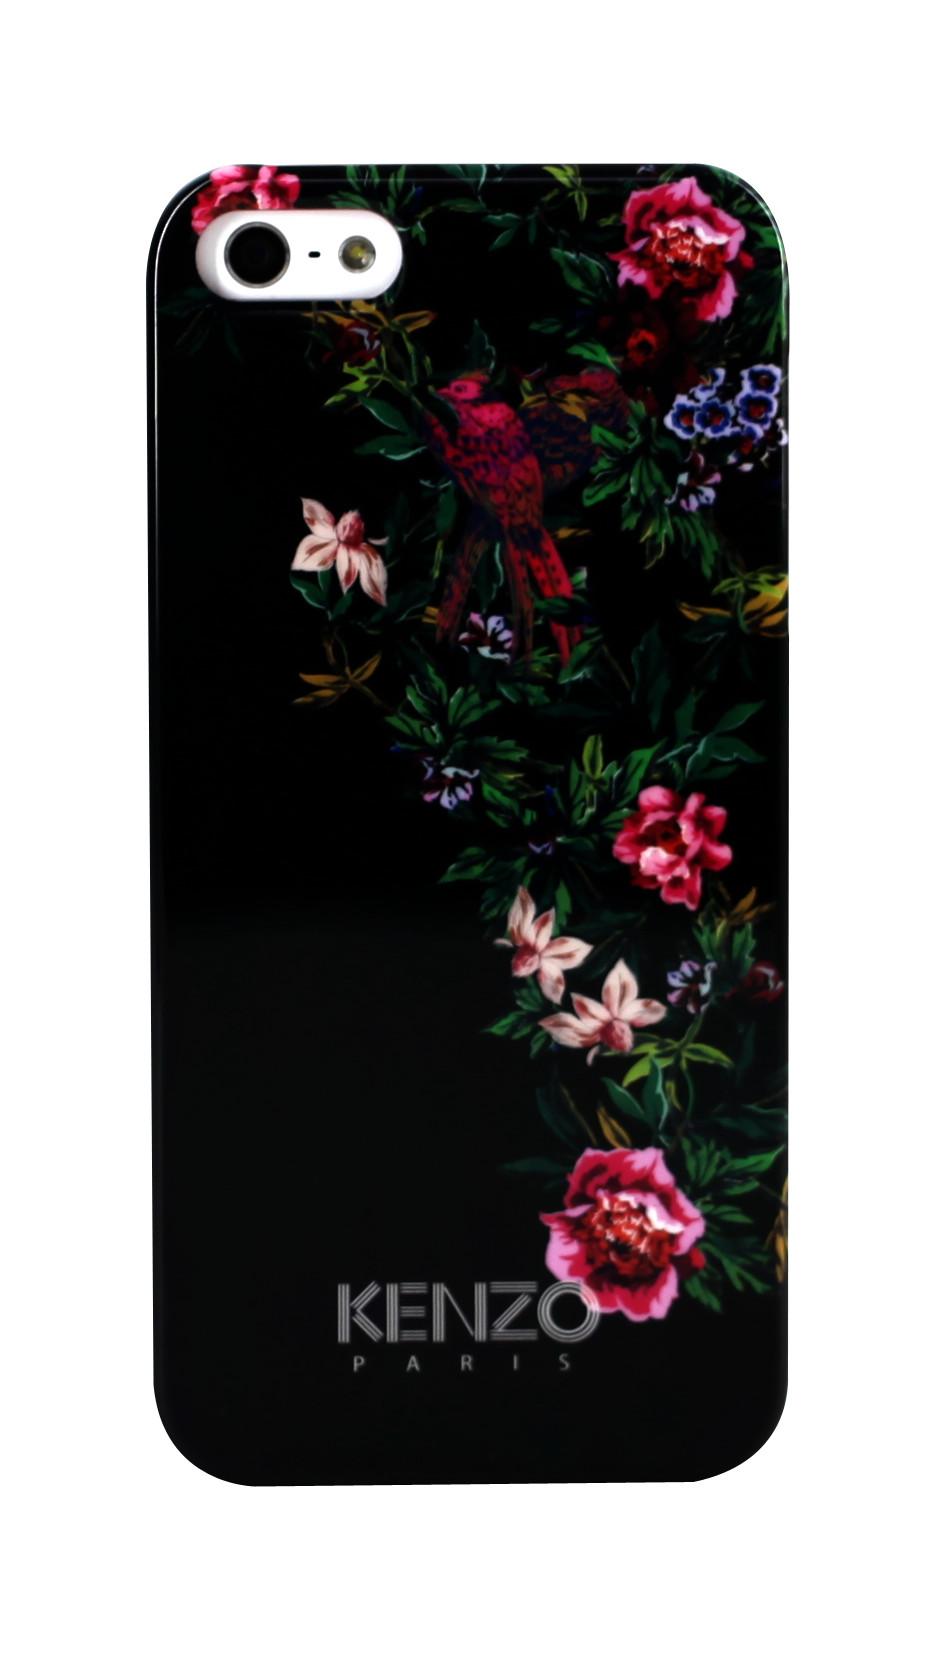 un iphone5 c 39 est une coque kenzo qu 39 il vous faut the parisienne. Black Bedroom Furniture Sets. Home Design Ideas